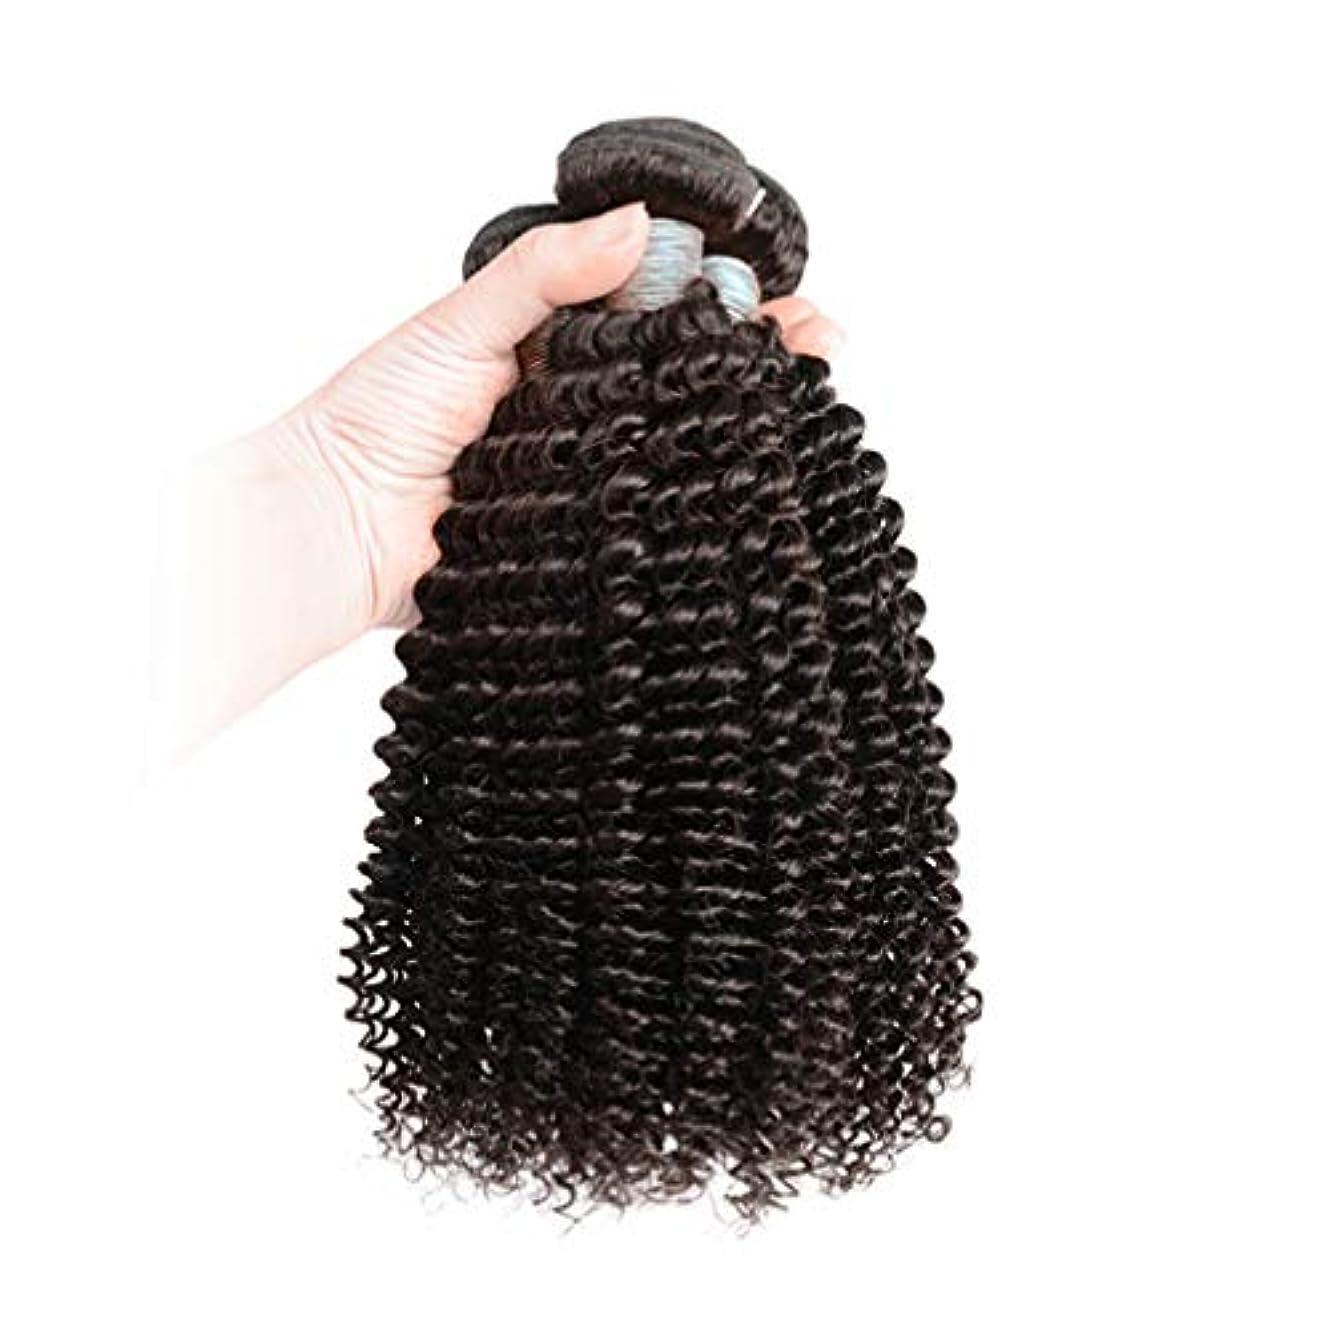 薬剤師マージ粒子女性ブラジルボディウェーブ髪3バンドル人間の髪織り100%加工されていないブラジルのバージンの髪人間の髪の毛